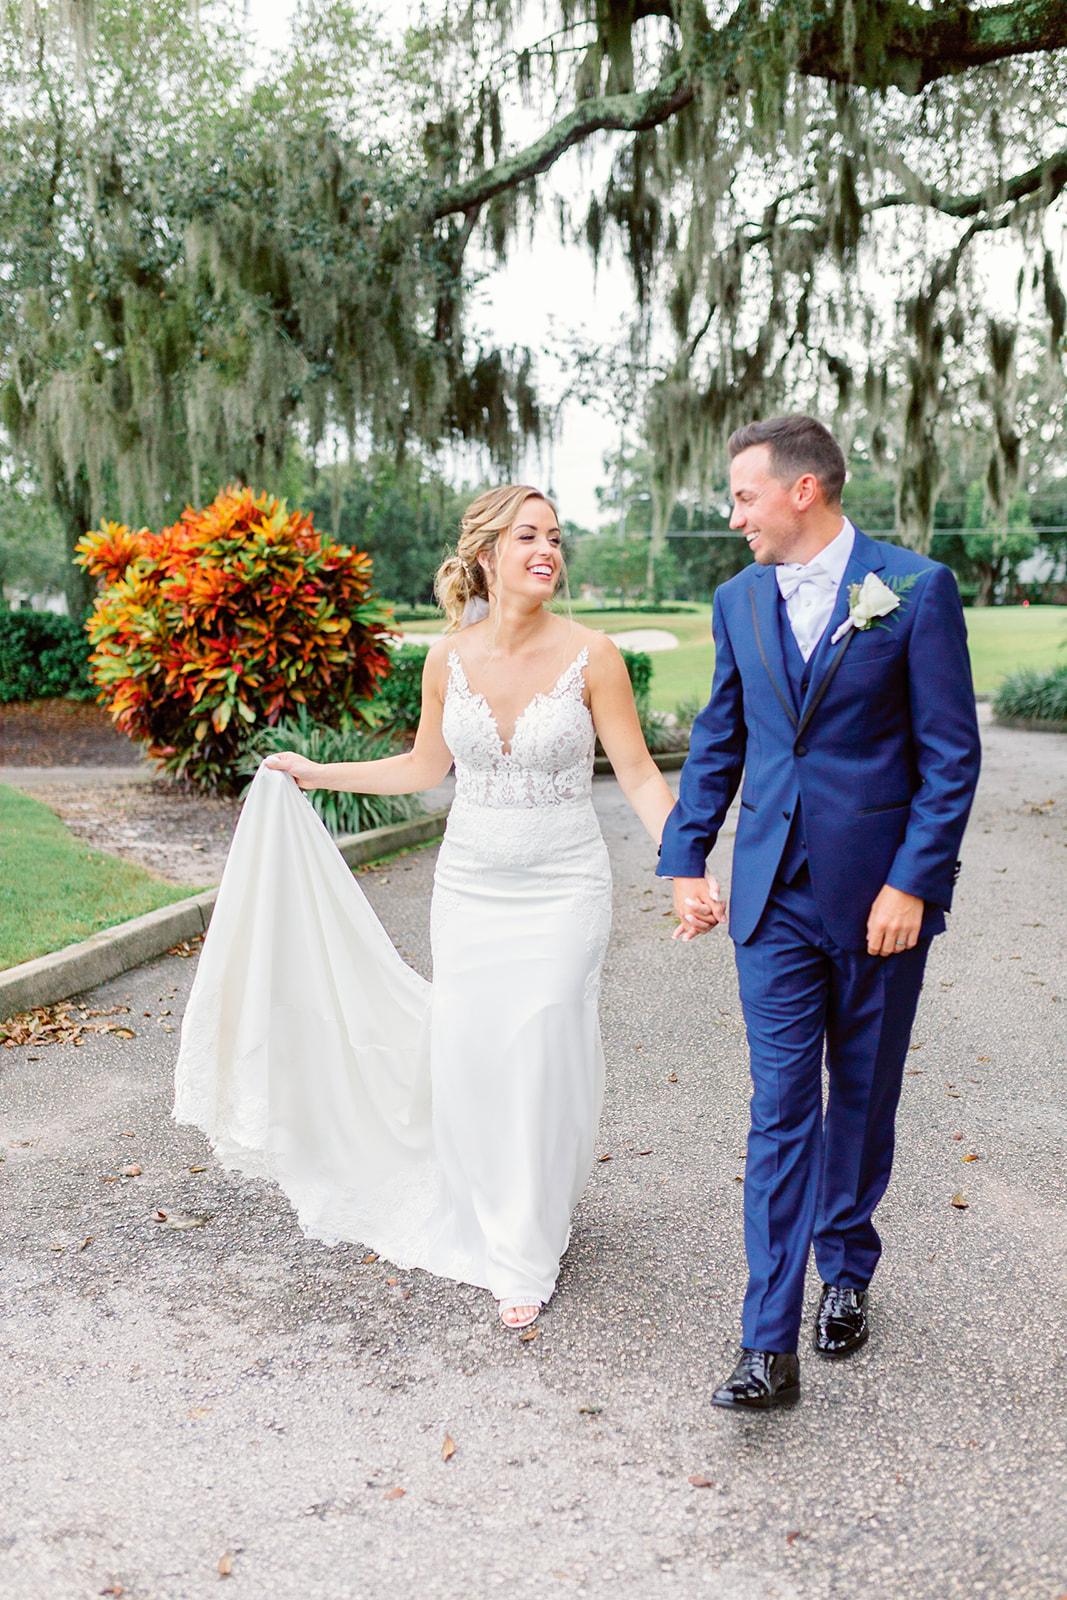 orlando wedding venue - dubsdread catering - couple walking